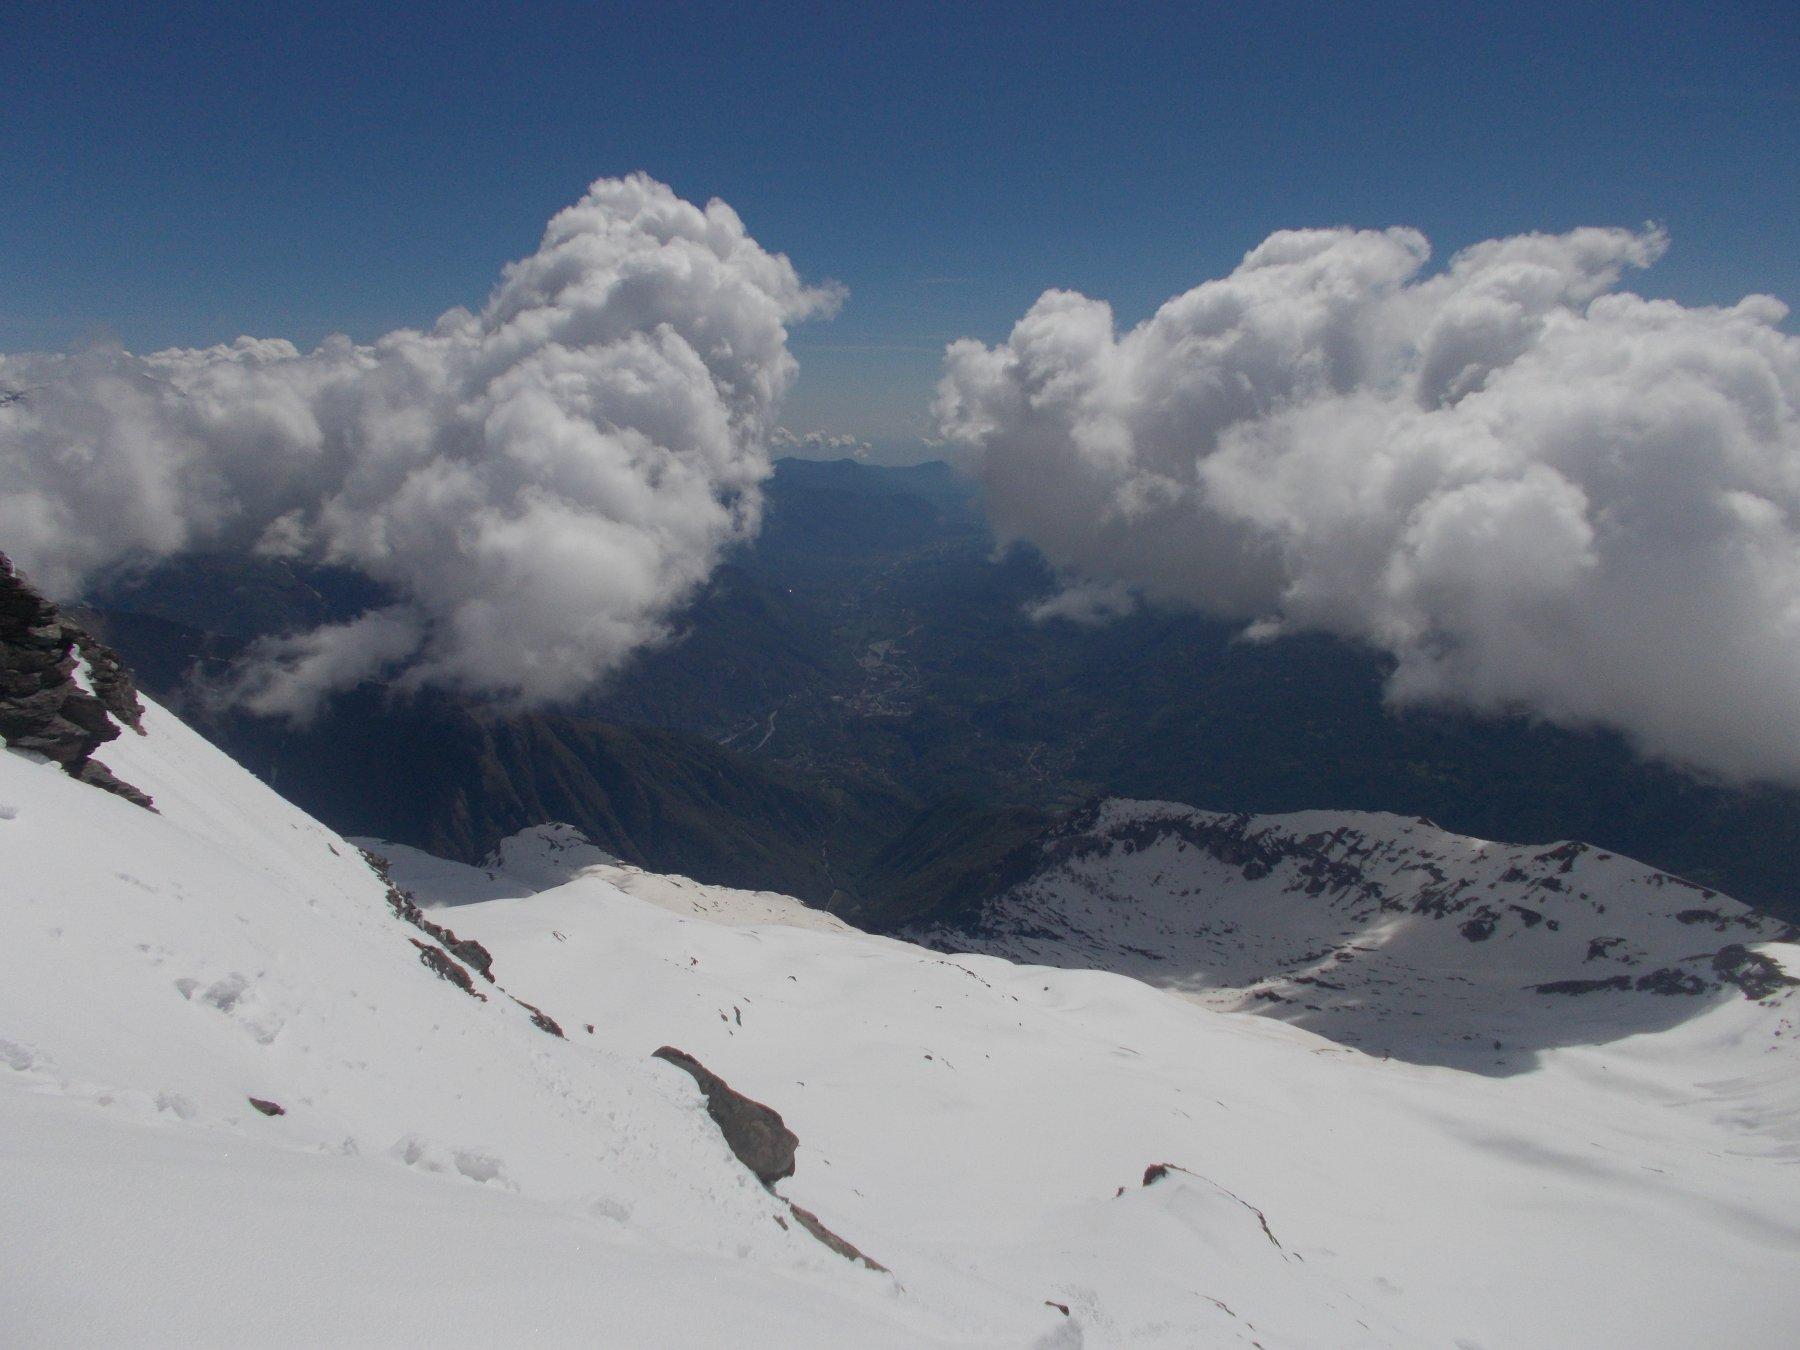 sopra la val Susa gia' stazionano grossi ma innoqui nuvoloni..